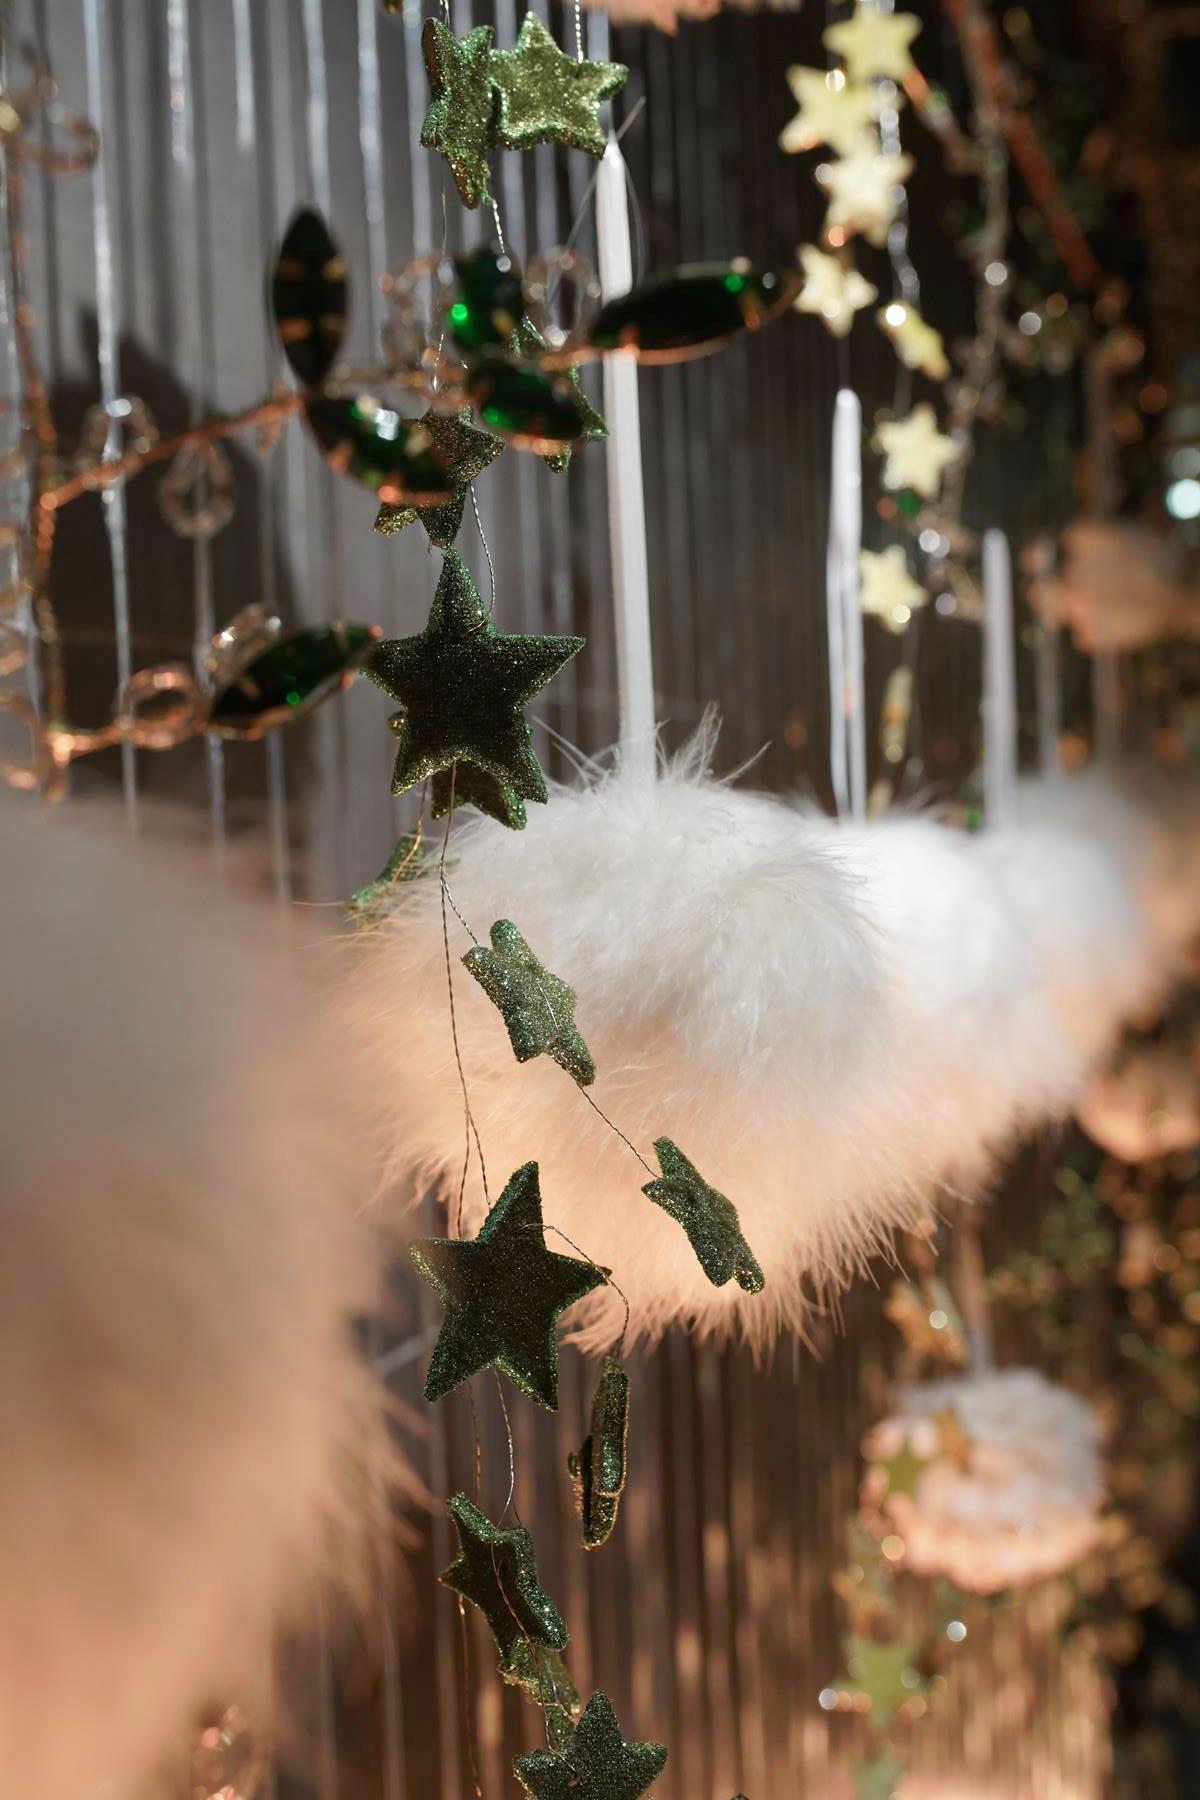 boule à plumes blanches decoration noel 2019 montpellier